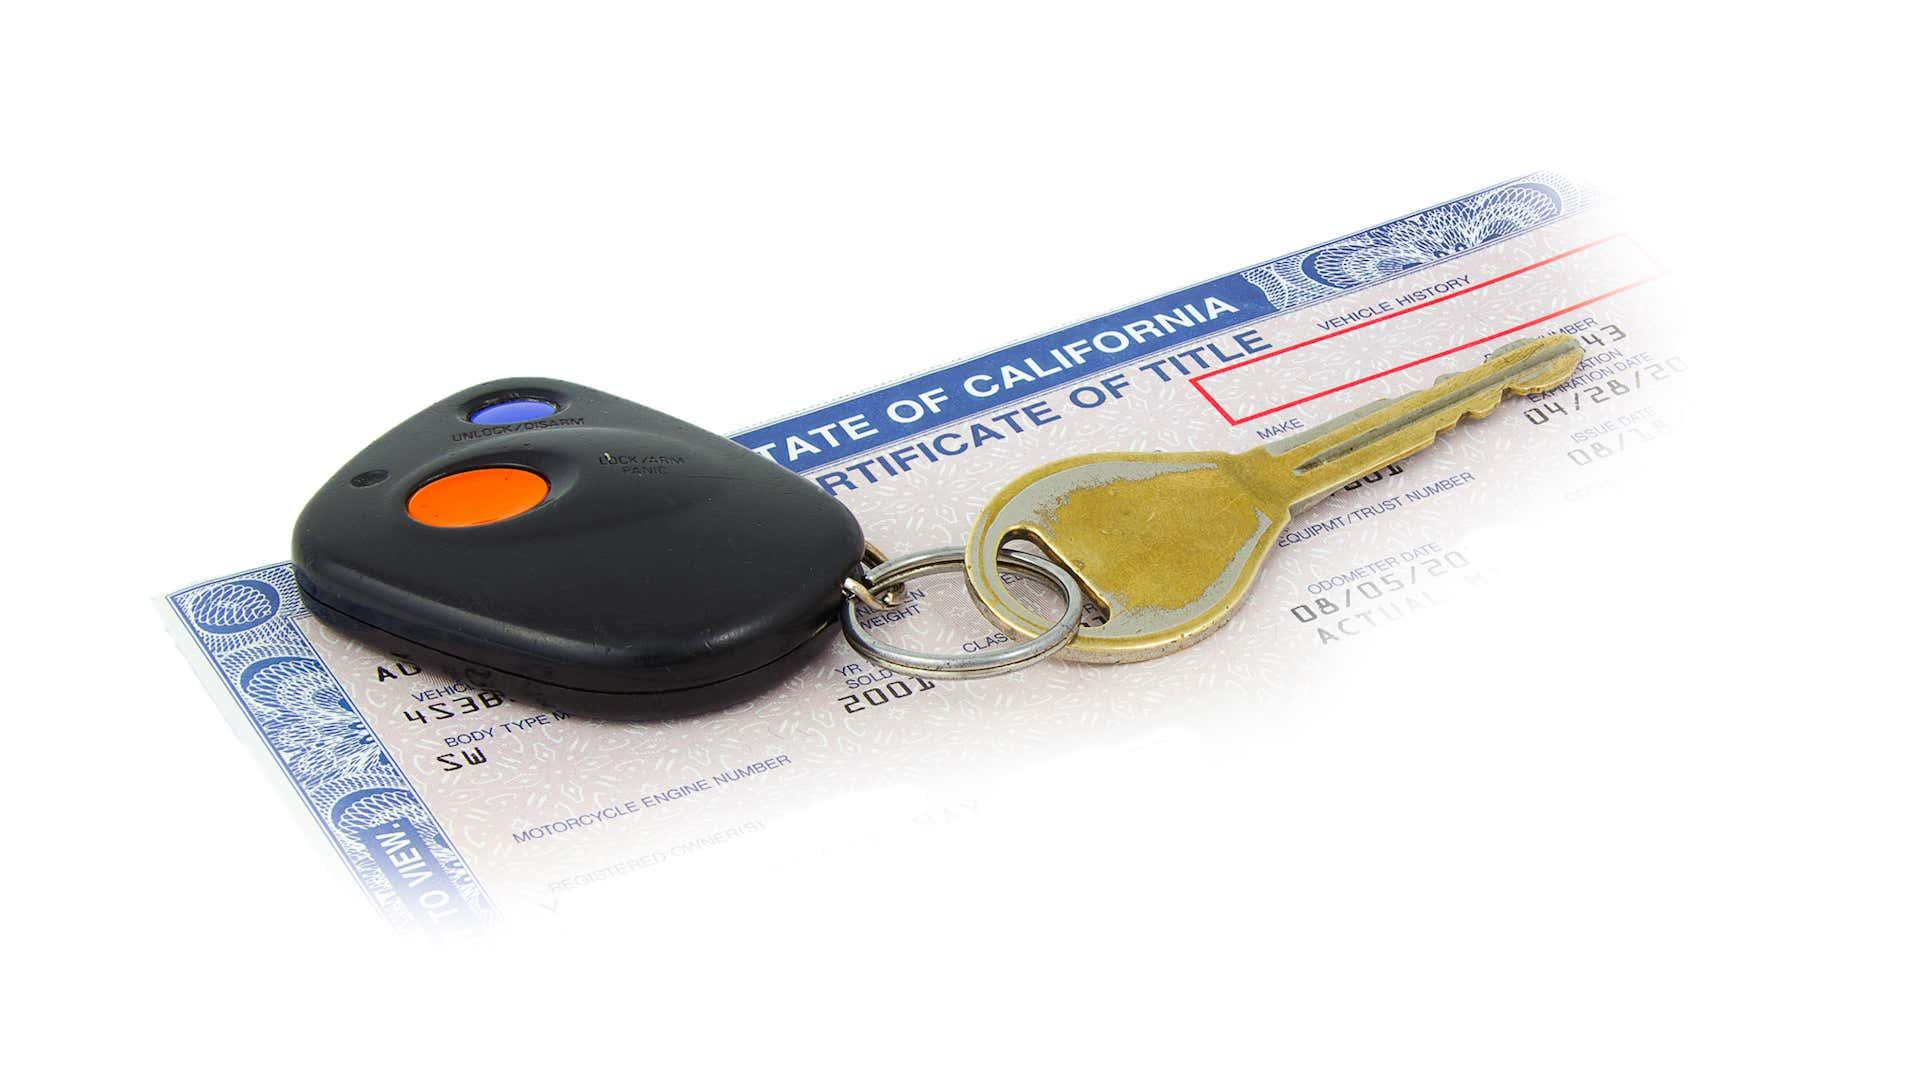 A set of keys sits on a car title.